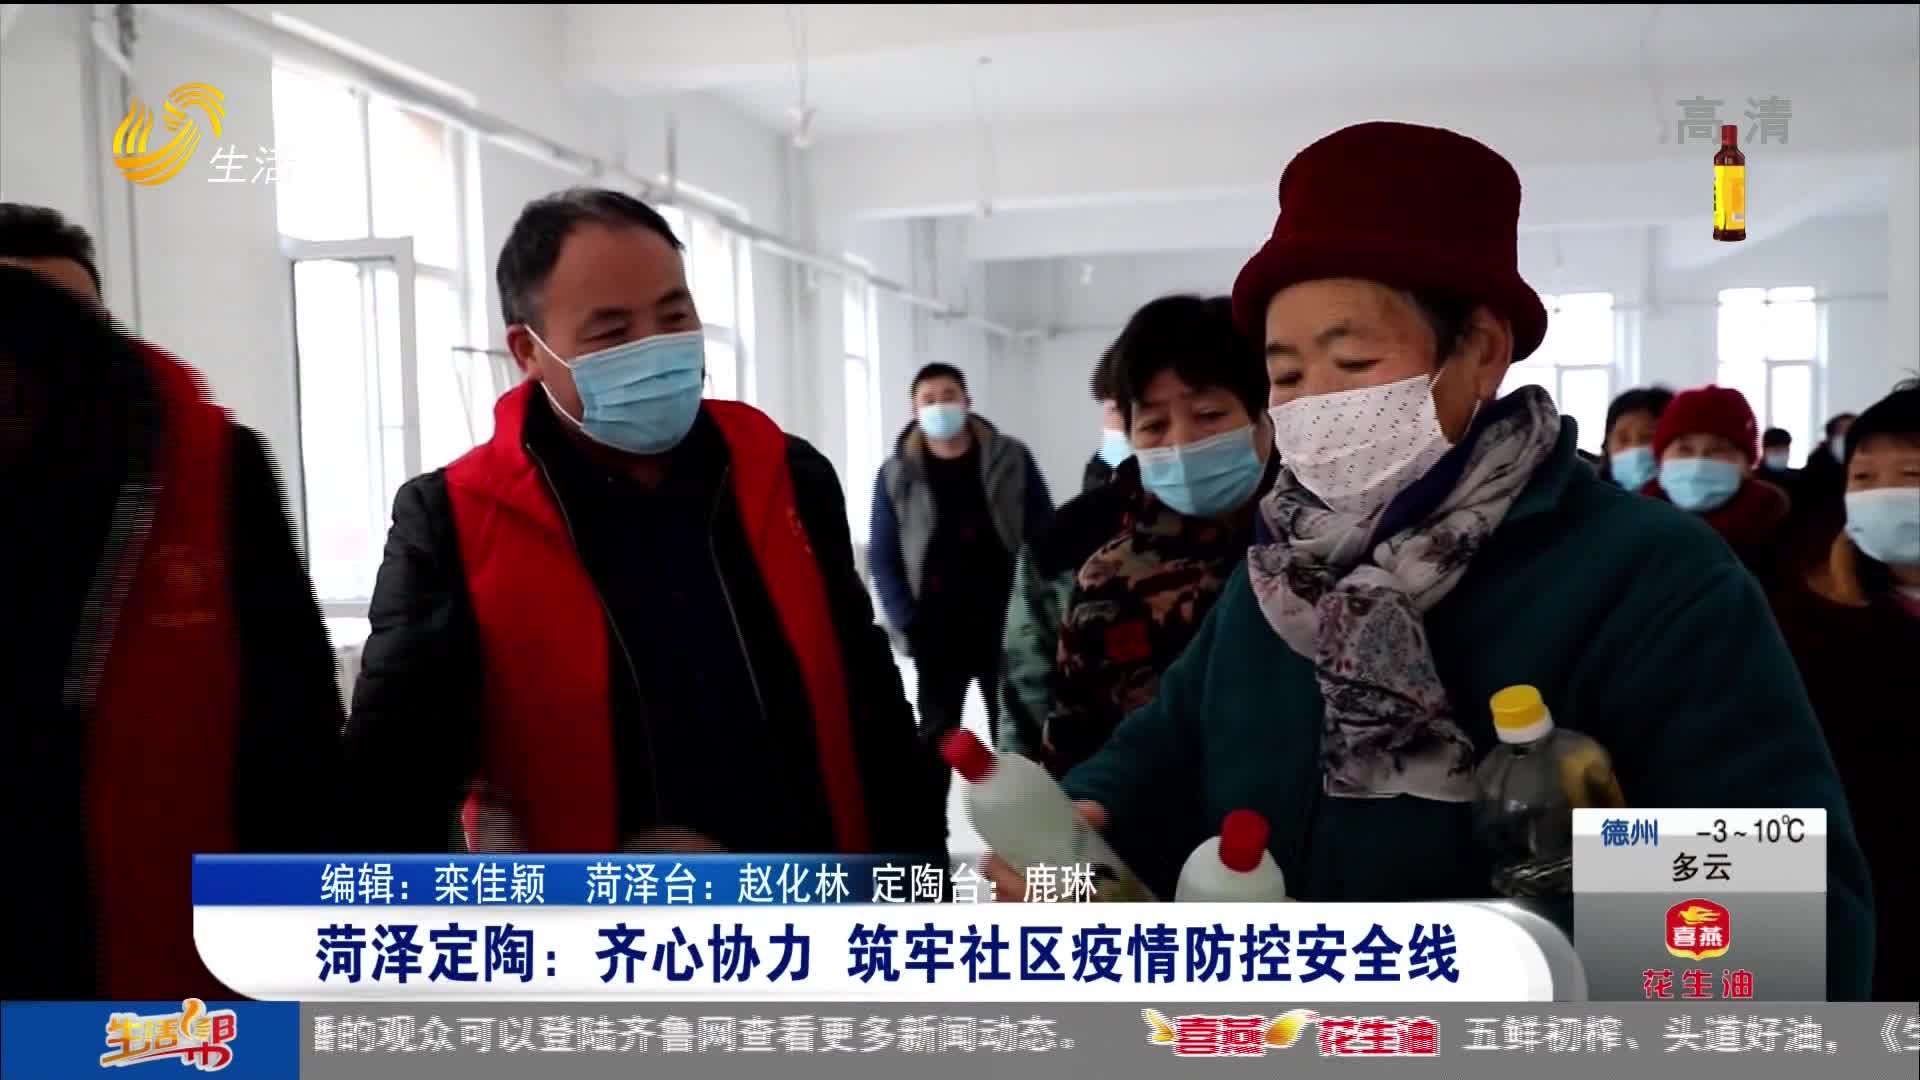 菏泽定陶:齐心协力 筑牢社区疫情防控安全线